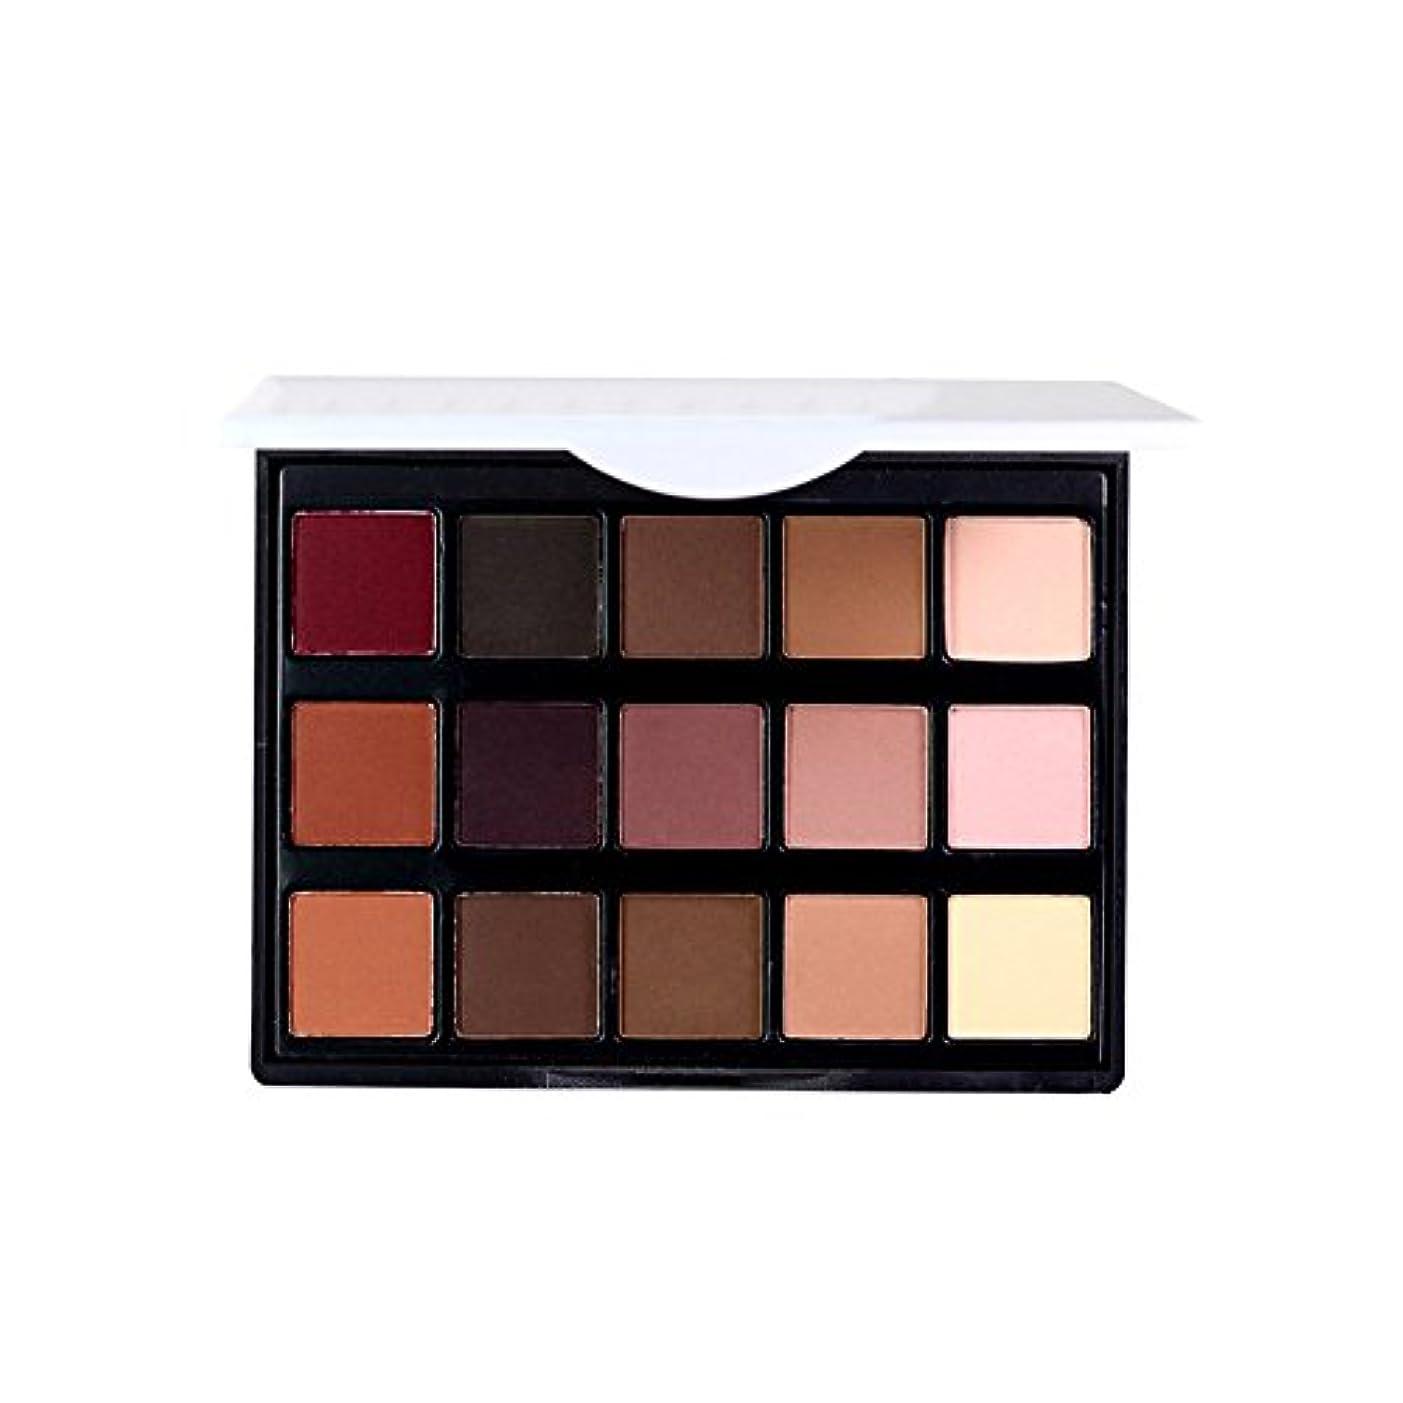 創始者知り合い医師女性 プロフェッショナル15色 眼 影 化粧品 パレット アイシャドウ アイメイク アップ化粧品 1